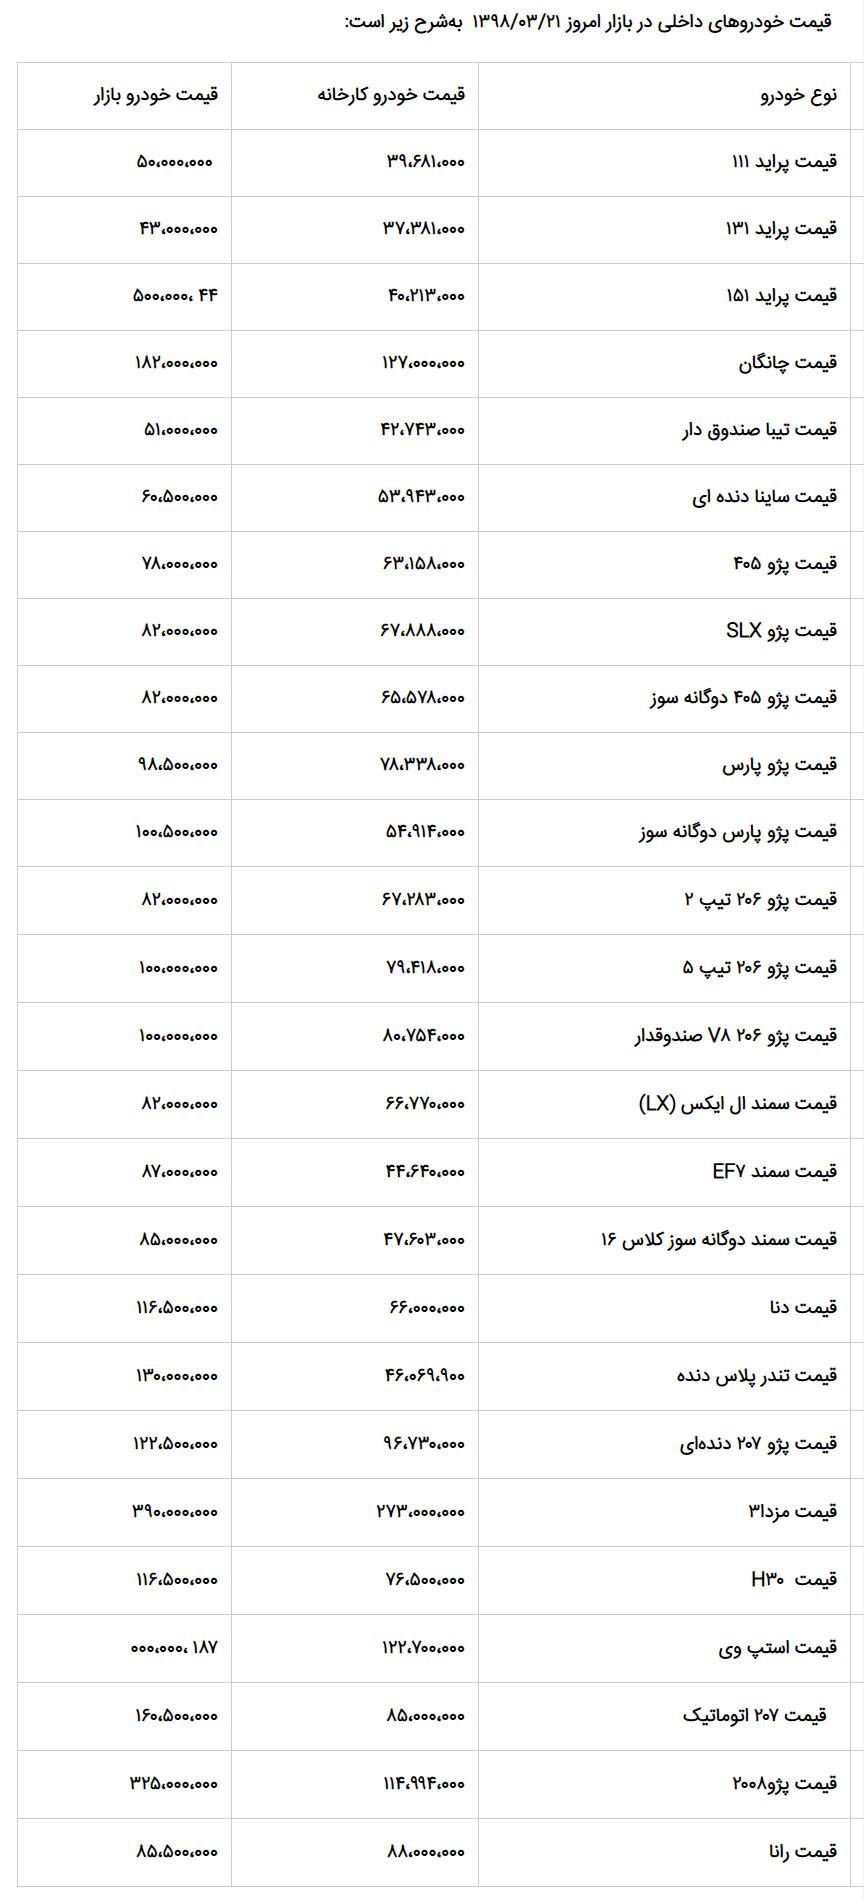 لیست قیمت خودرو داخلی ۲۲ خرداد ۹۸